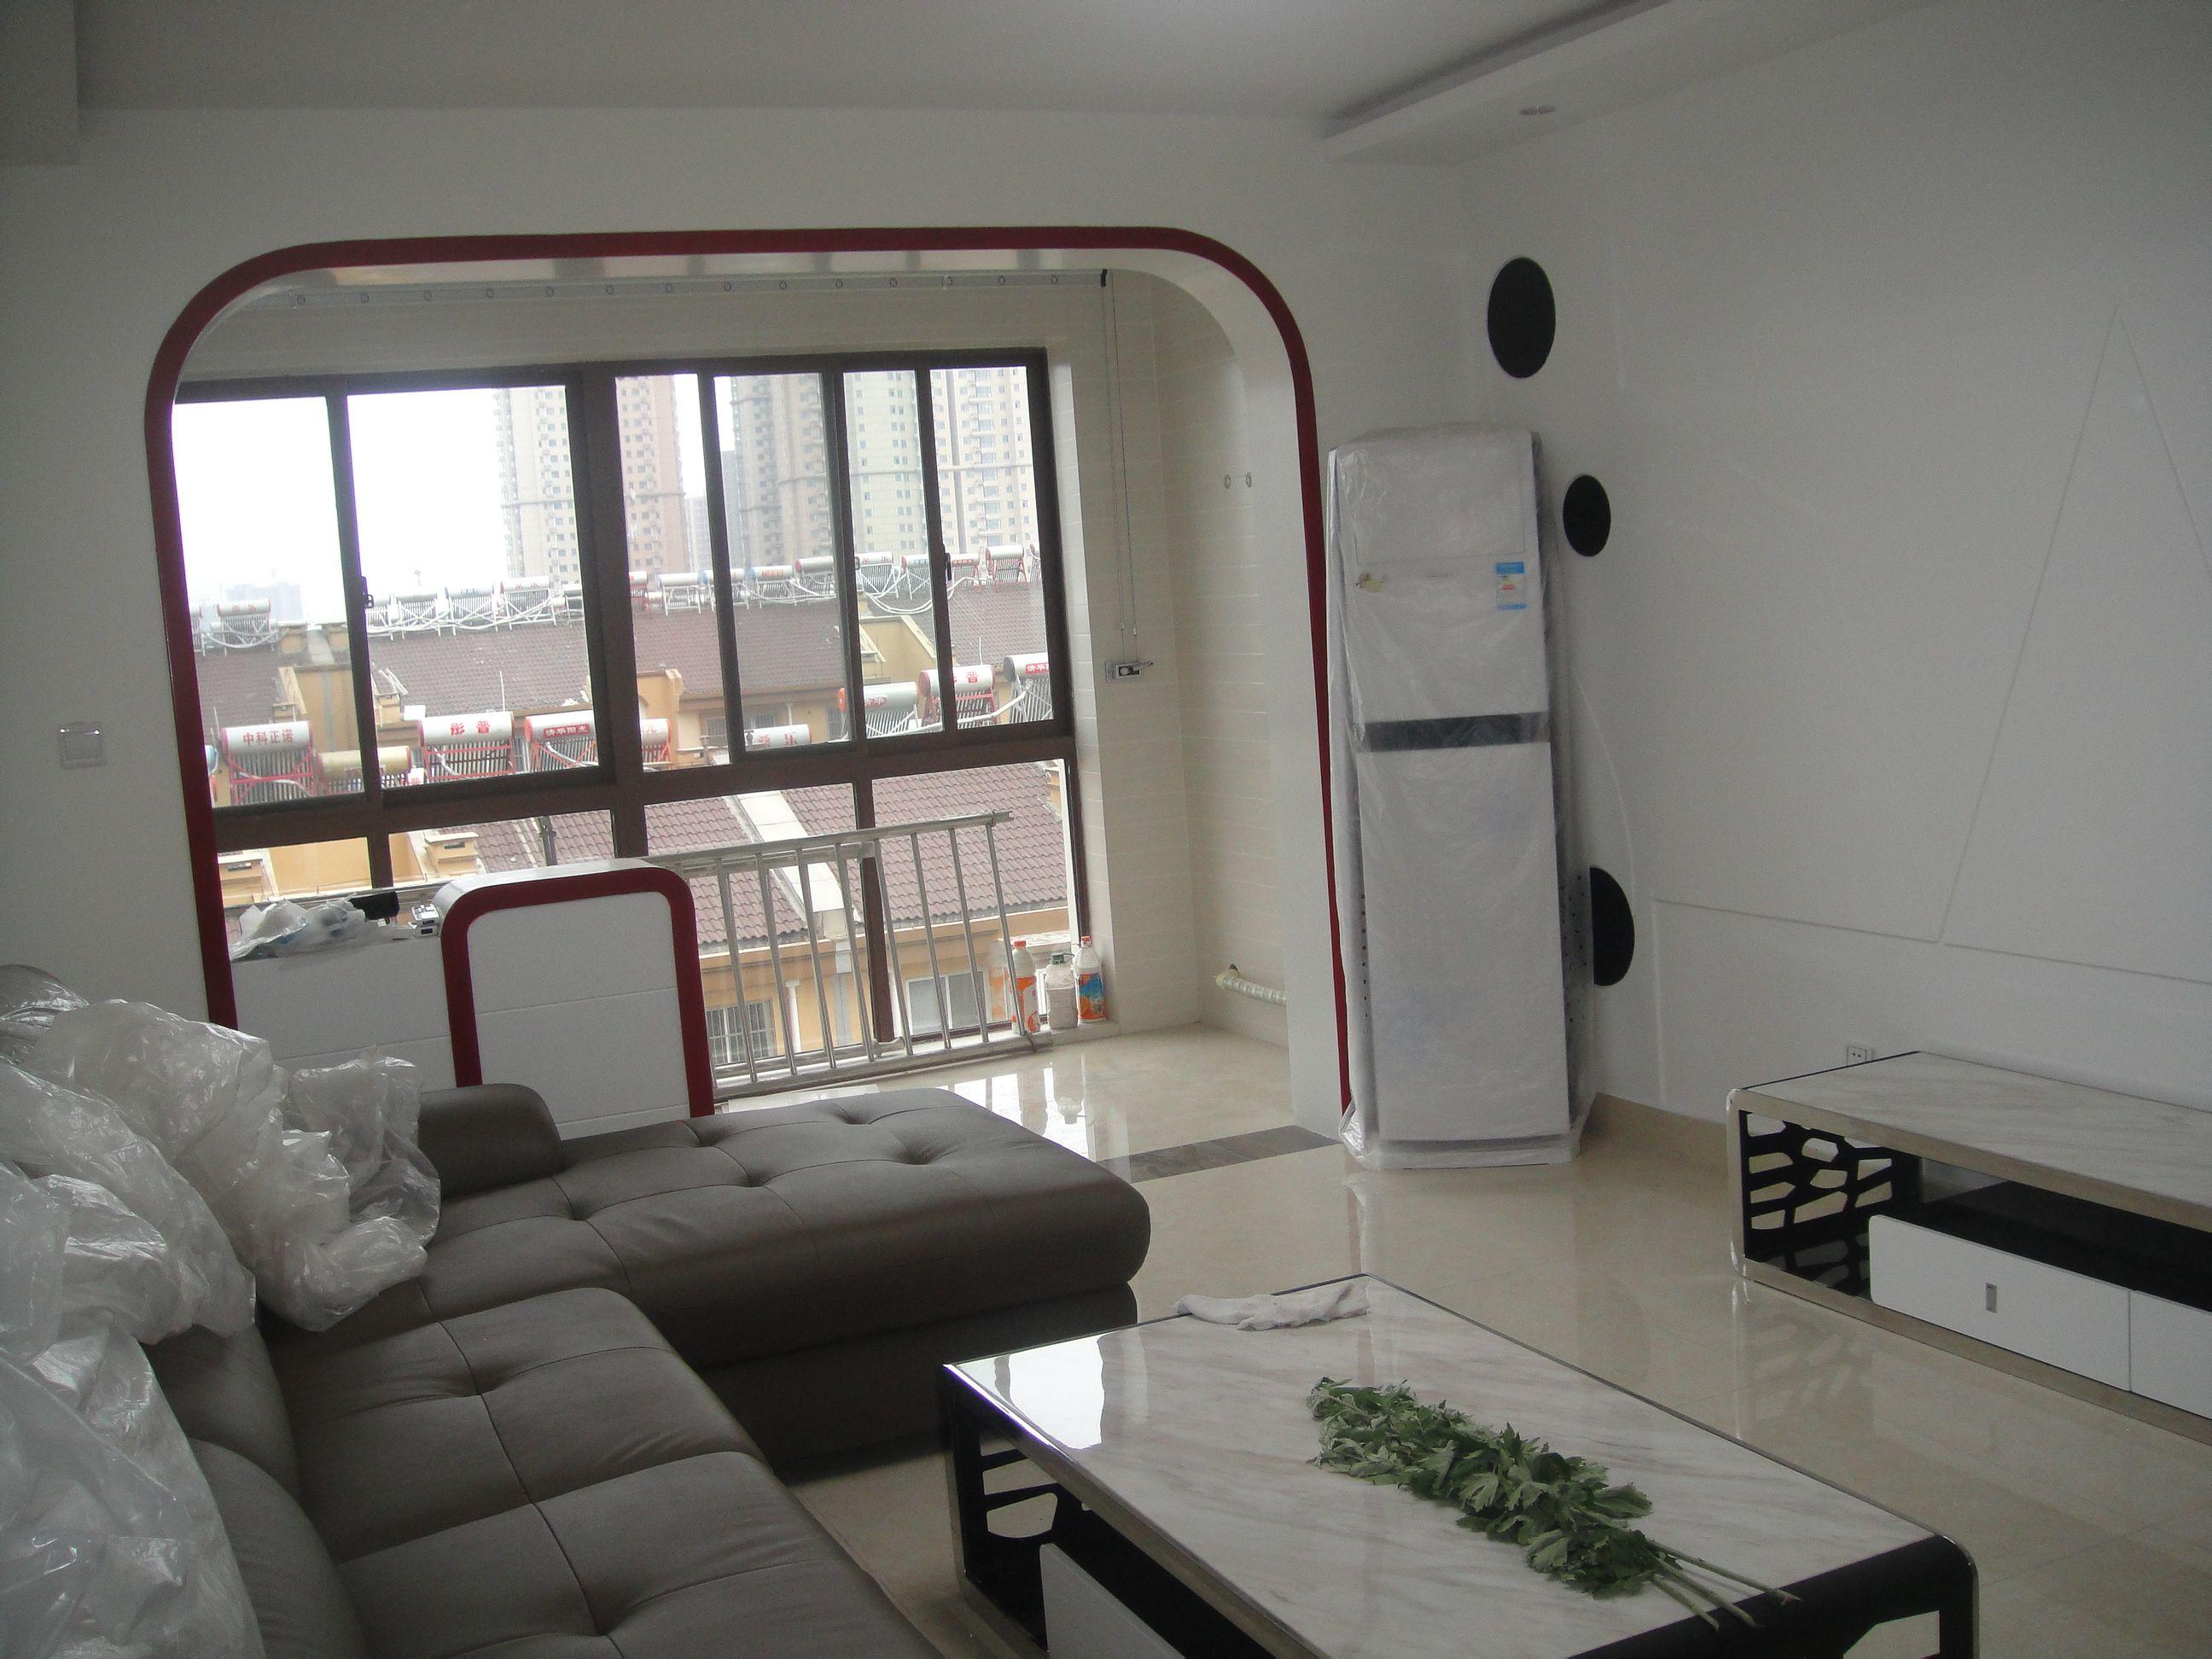 白色是墙纸,家里装修以卡其配,沙发墙两办影视配当中黑白,黑白贴上下检测中心在哪里